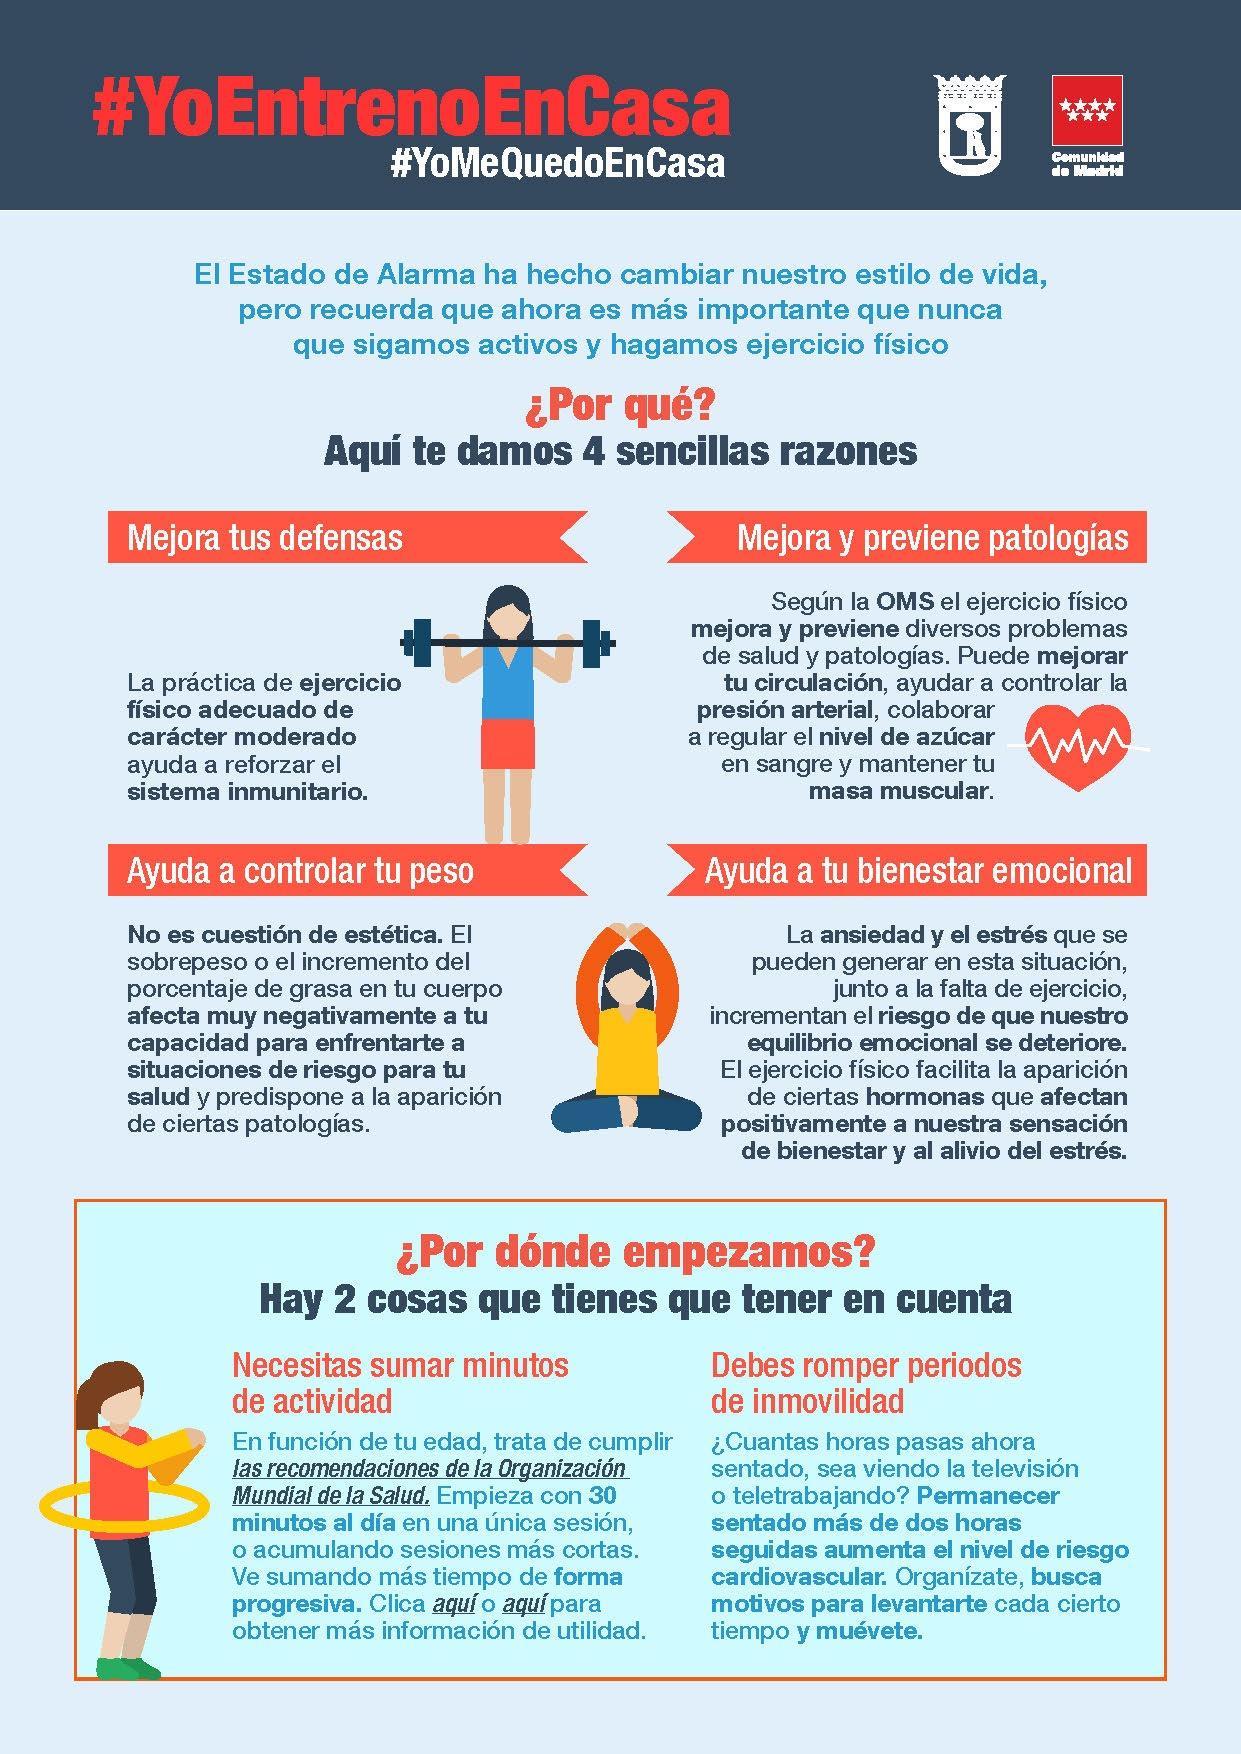 cuales son los beneficios de hacer ejercicio fisico